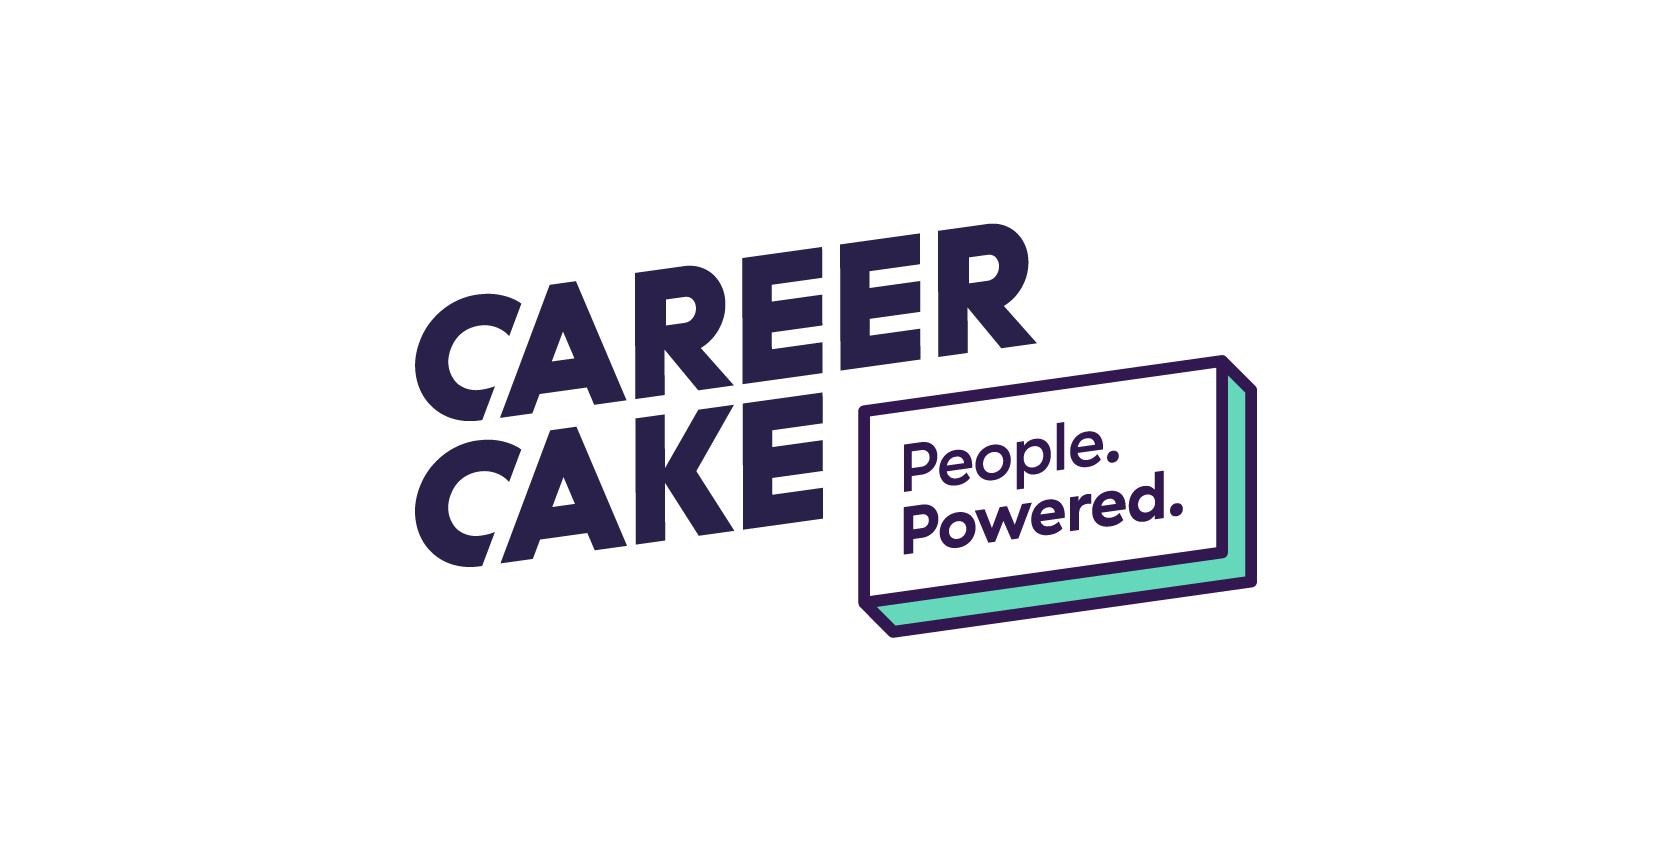 Careercake logo